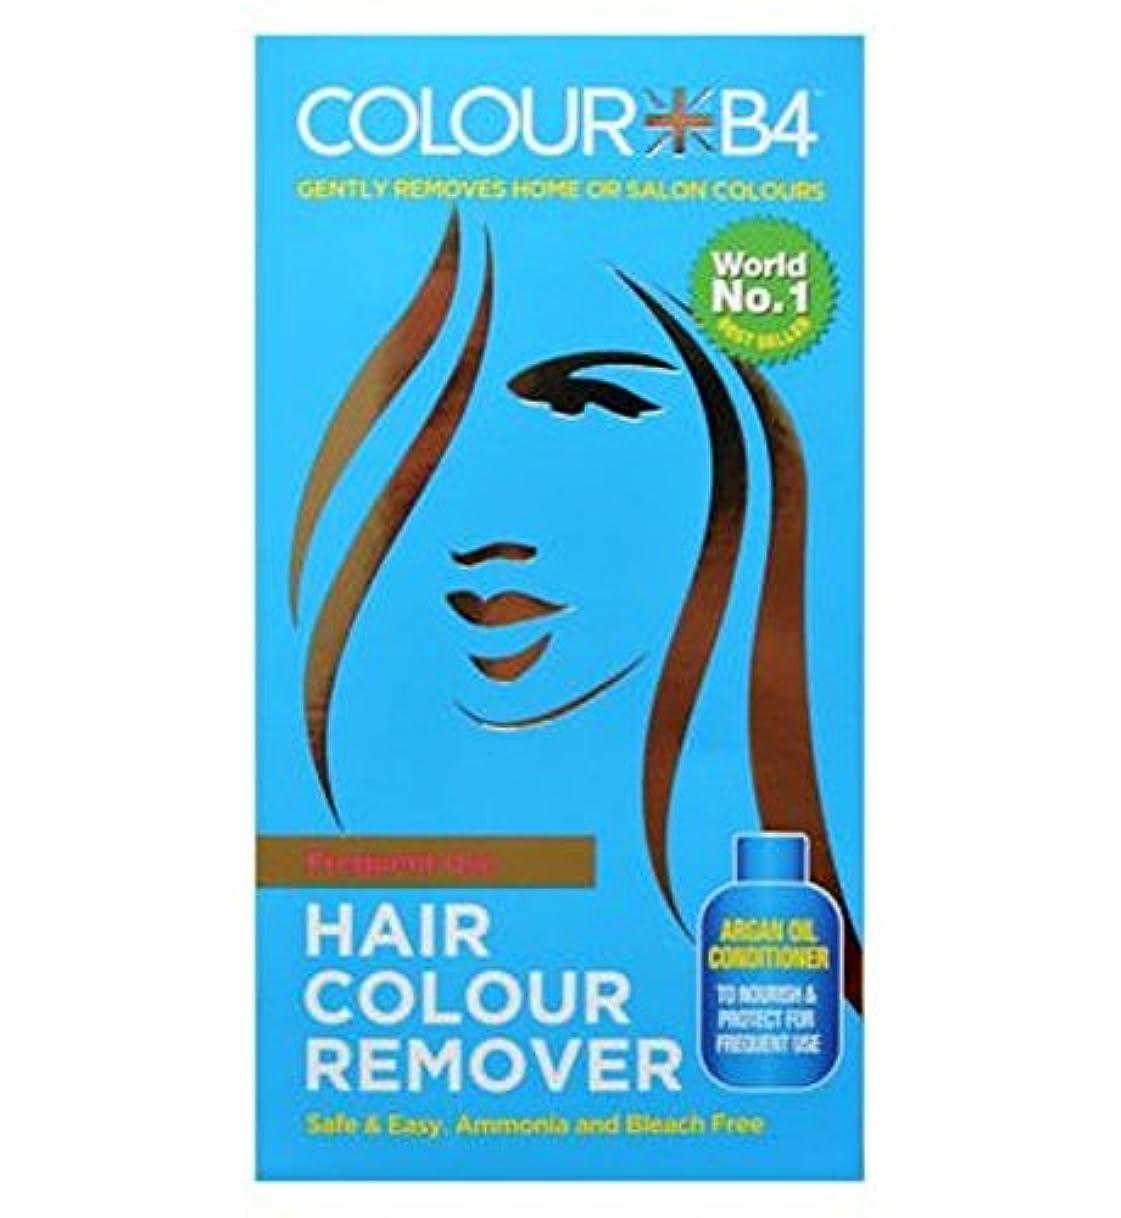 従事したホバー受益者Colour B4 Hair Colour Remover Includes Conditioner for Frequent Use - カラーB4ヘアカラーリムーバーは、頻繁に使用するためにコンディショナーを含み (...